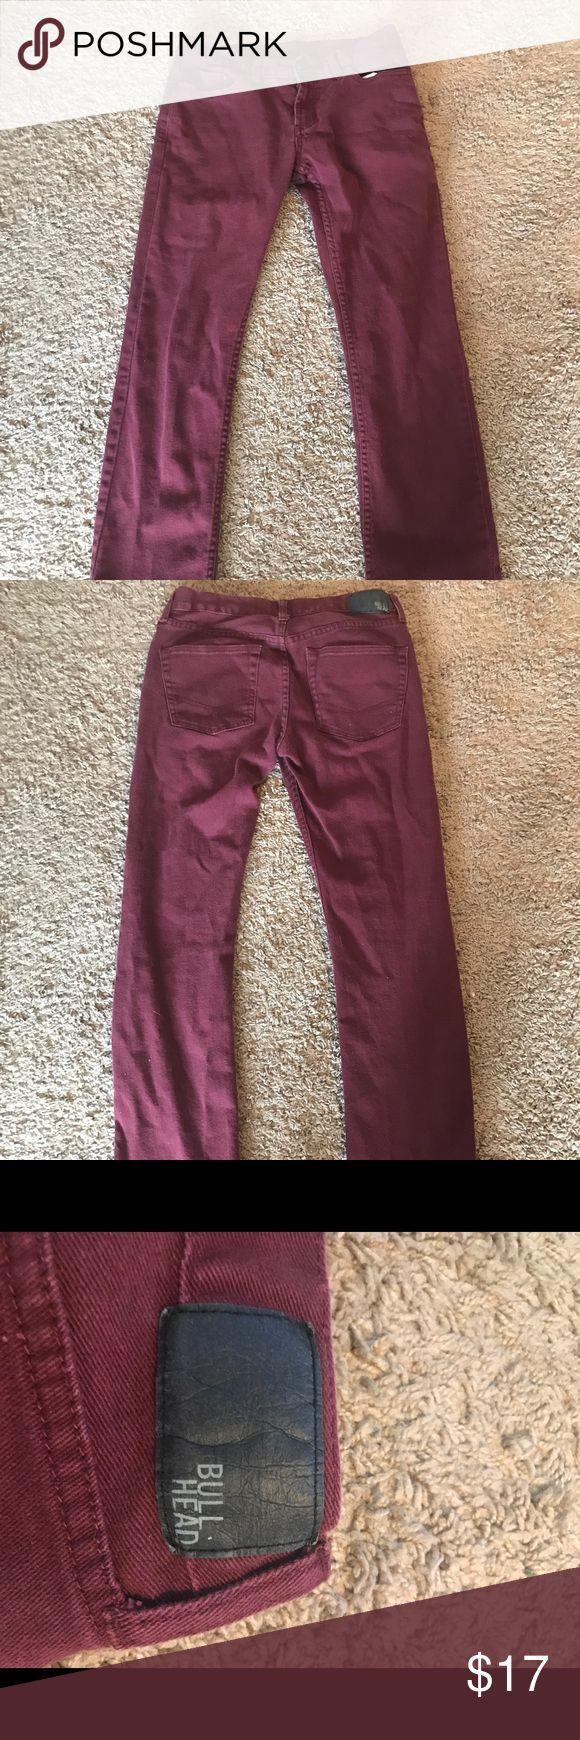 Dark Red Bullhead Skinny Jeans, Men's 31W X 32L Dark Red Dillon Skinny Jeans for Men Bullhead Jeans Skinny